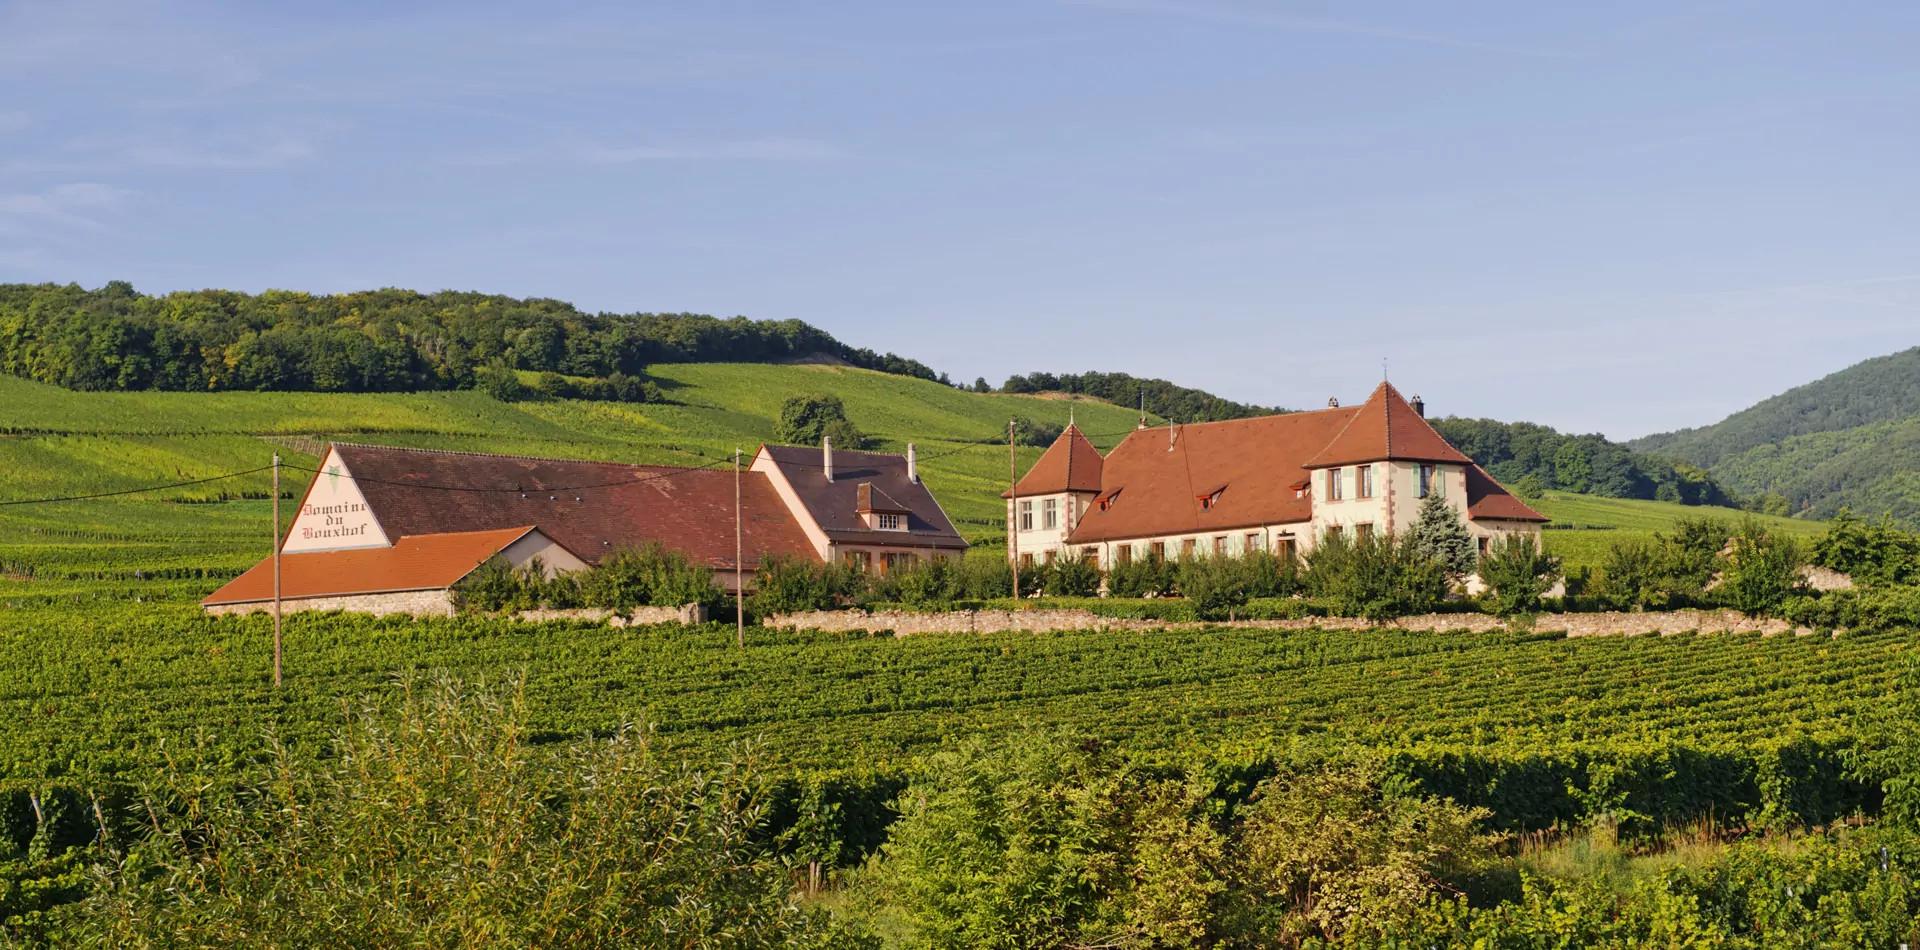 Domaine du Bouxhof : Producteur de vins d'Alsace près de Colmar